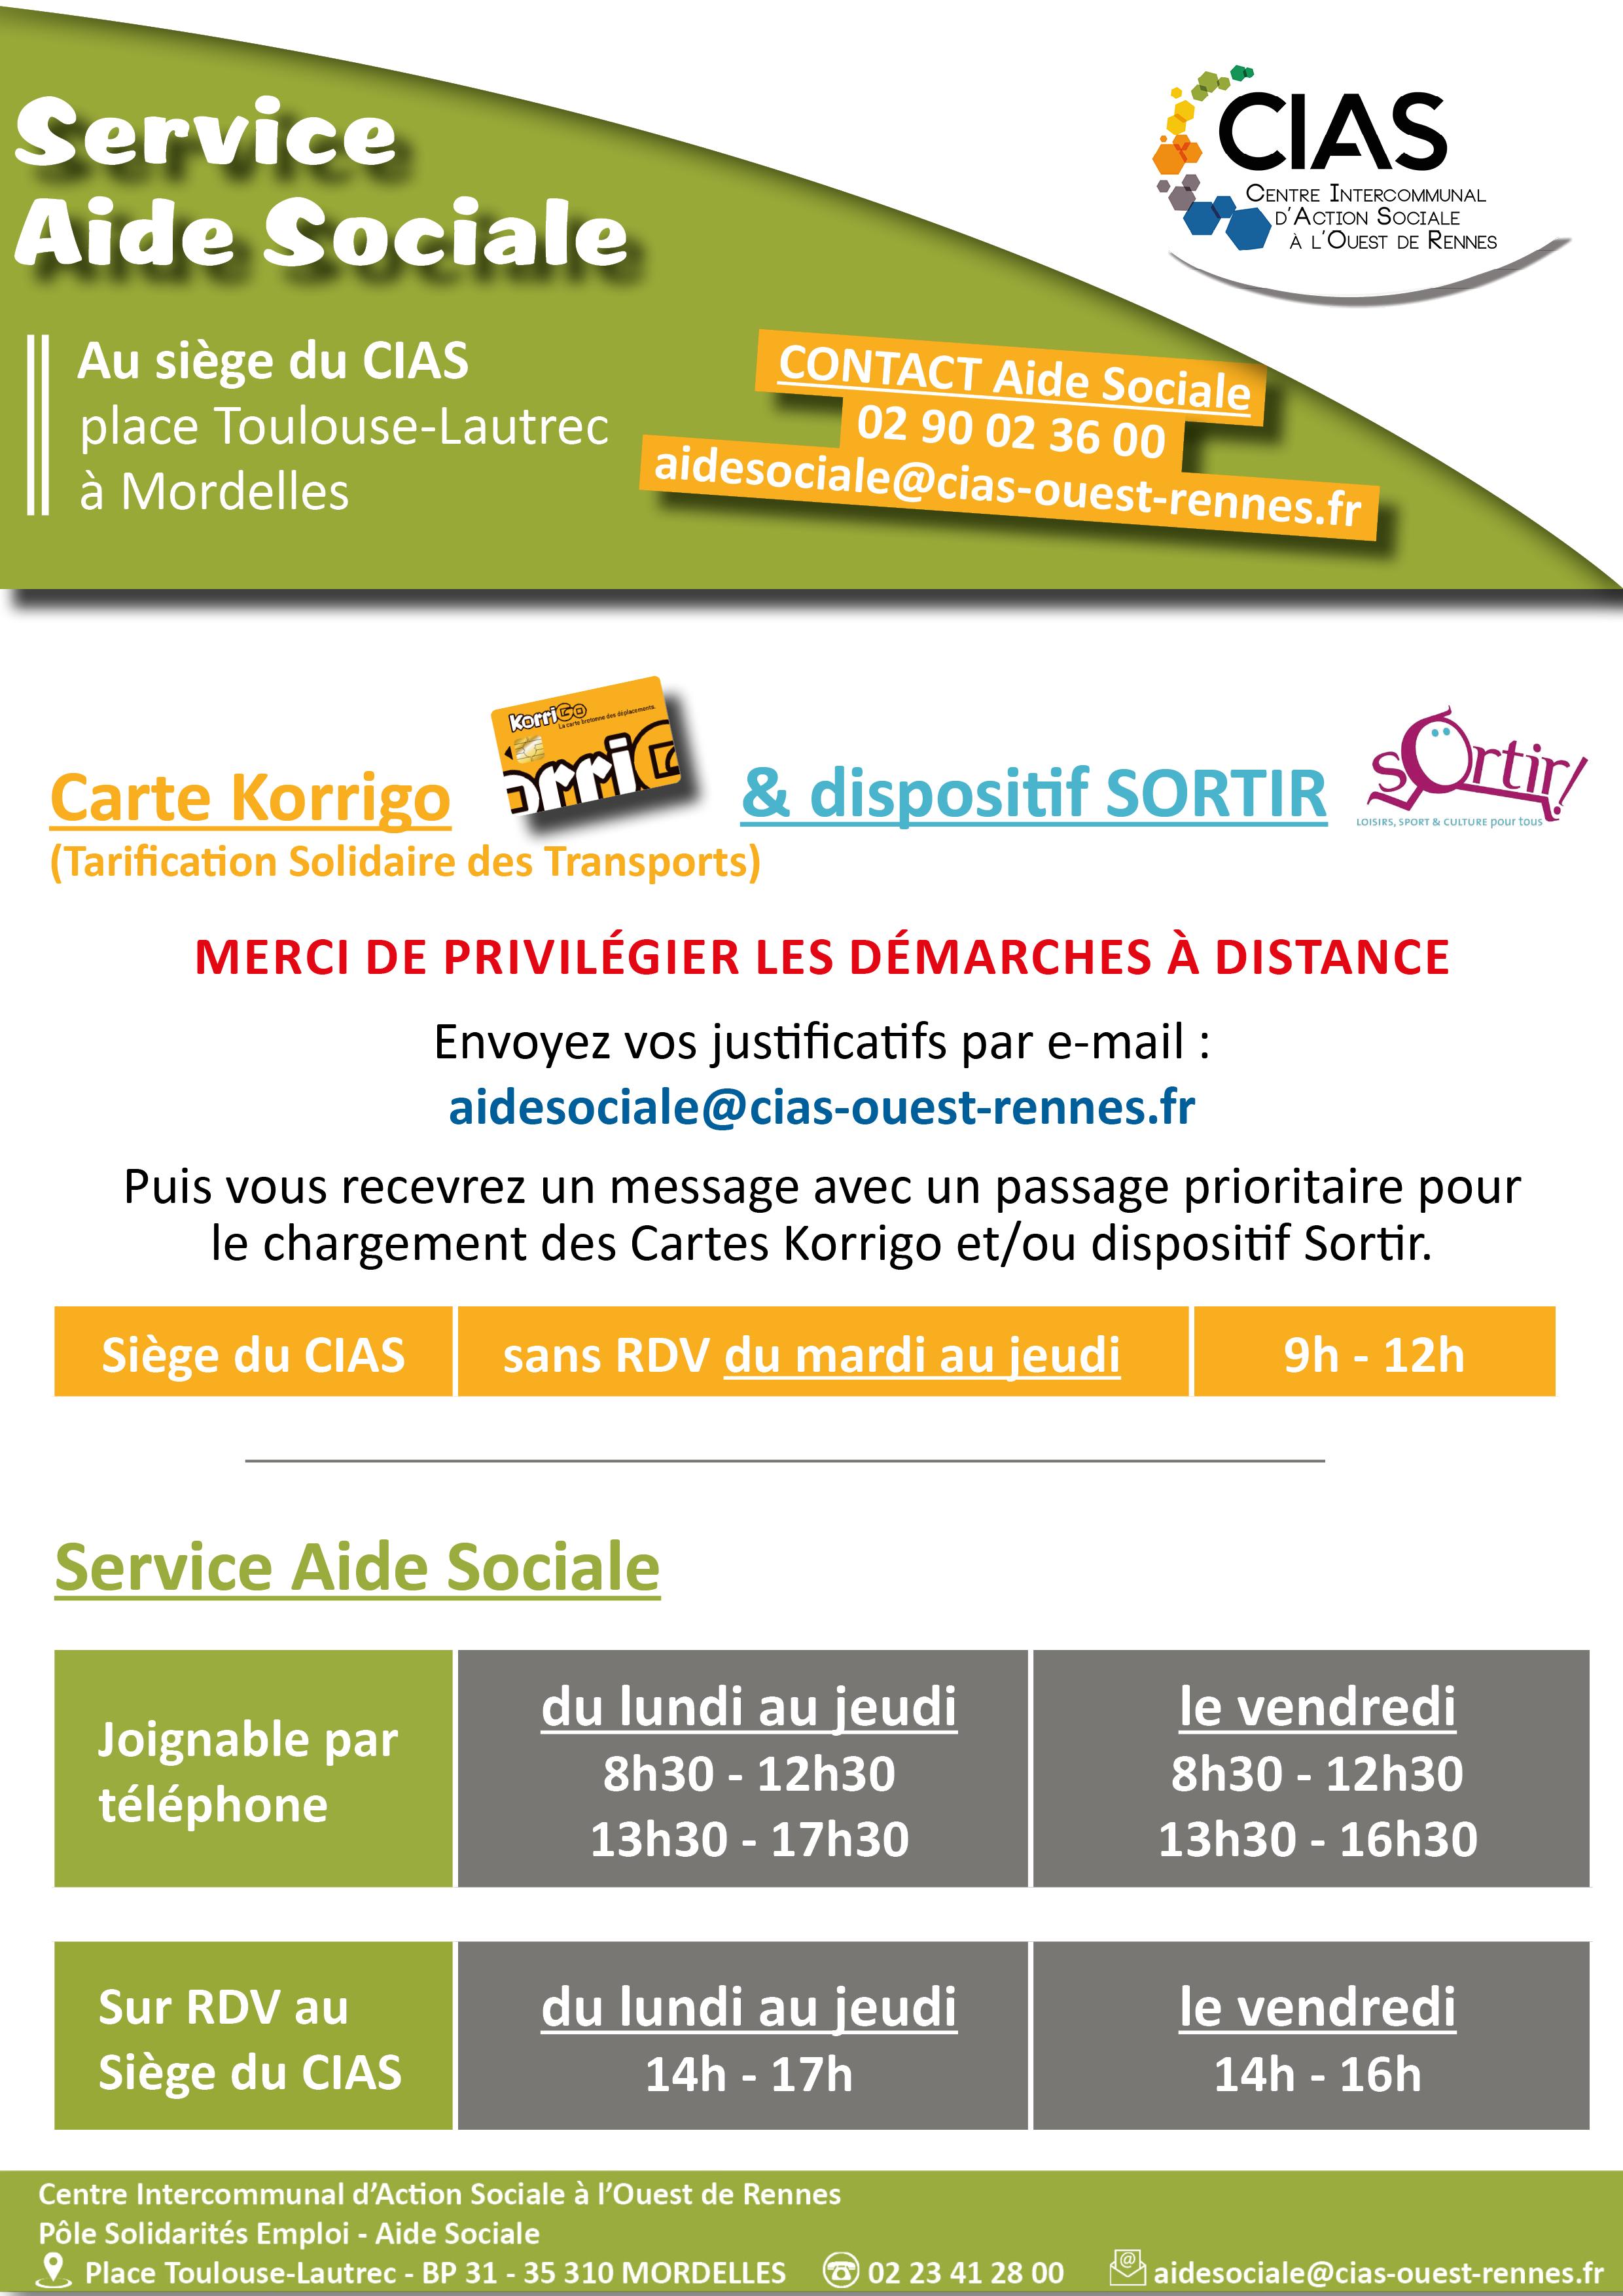 Horaires accueil Aide sociale CIAS à l'Ouest de Rennes